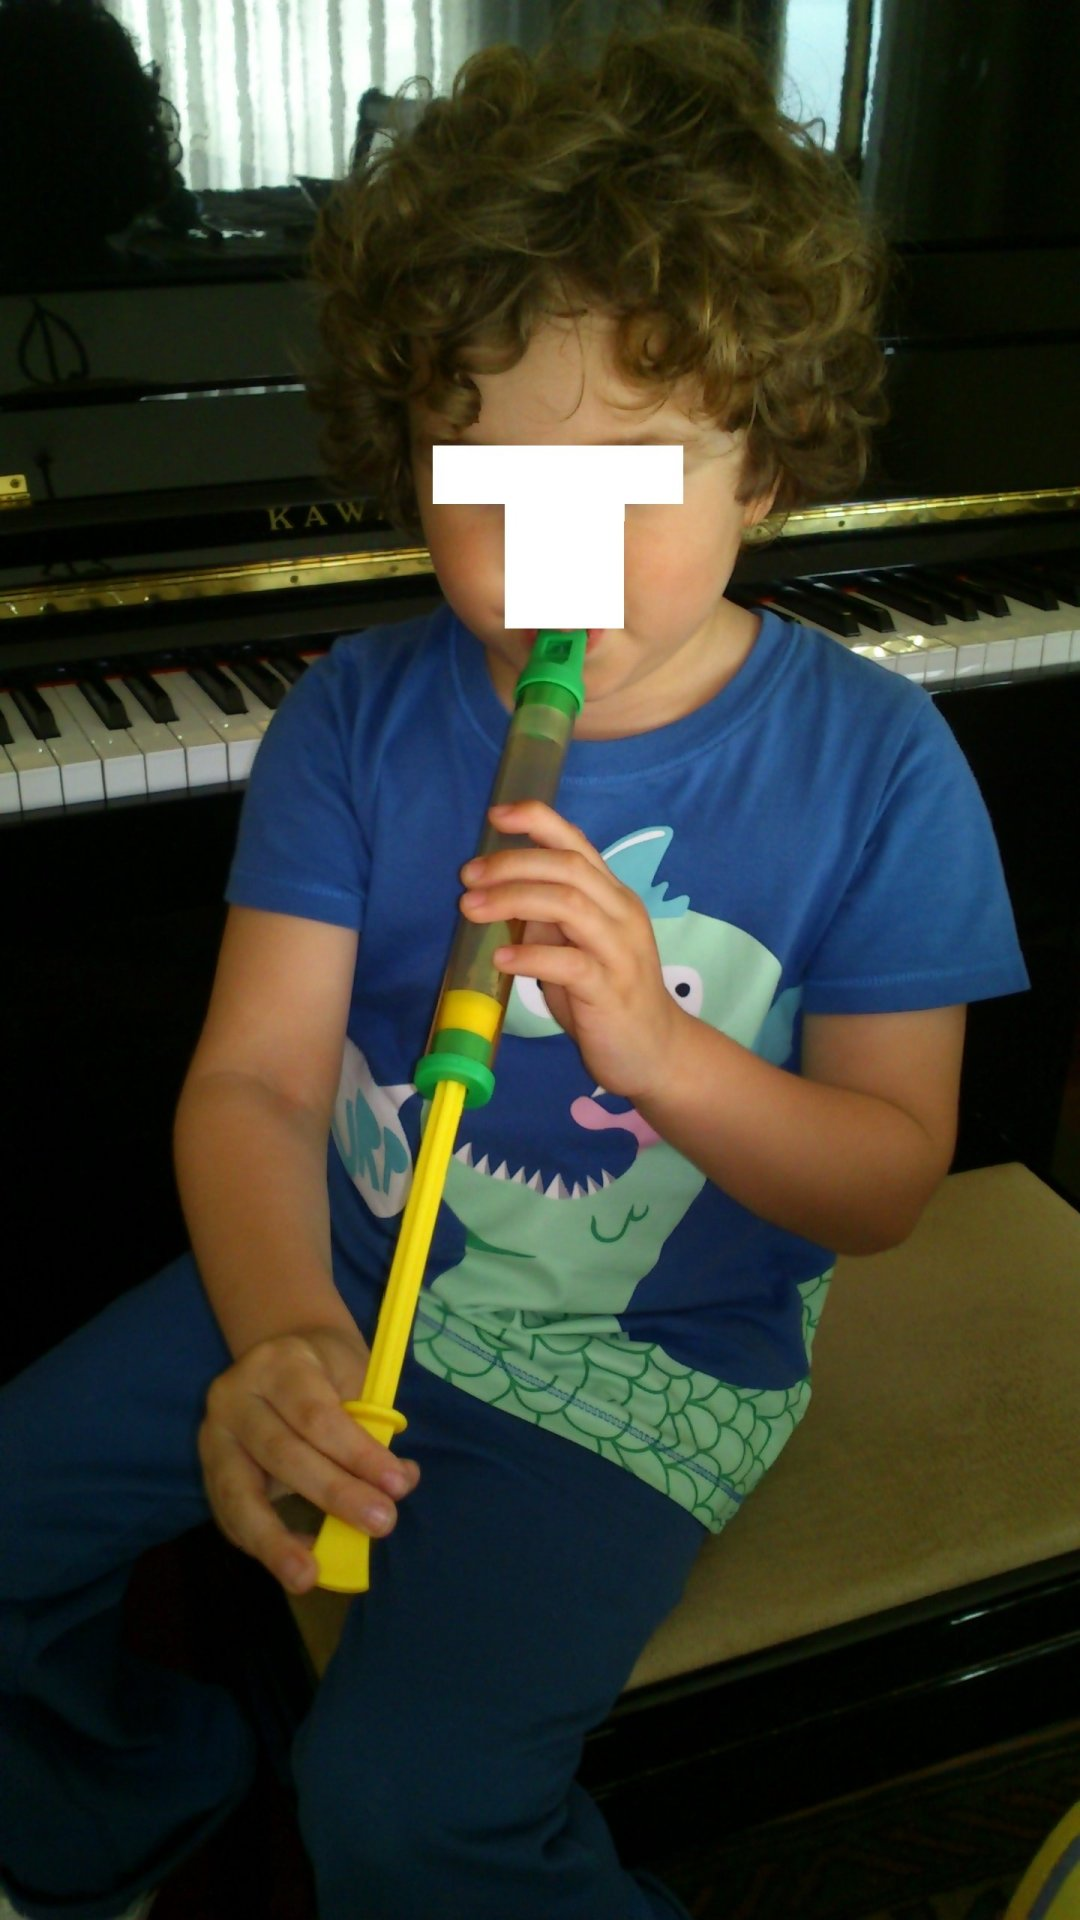 Flauta de émbolo